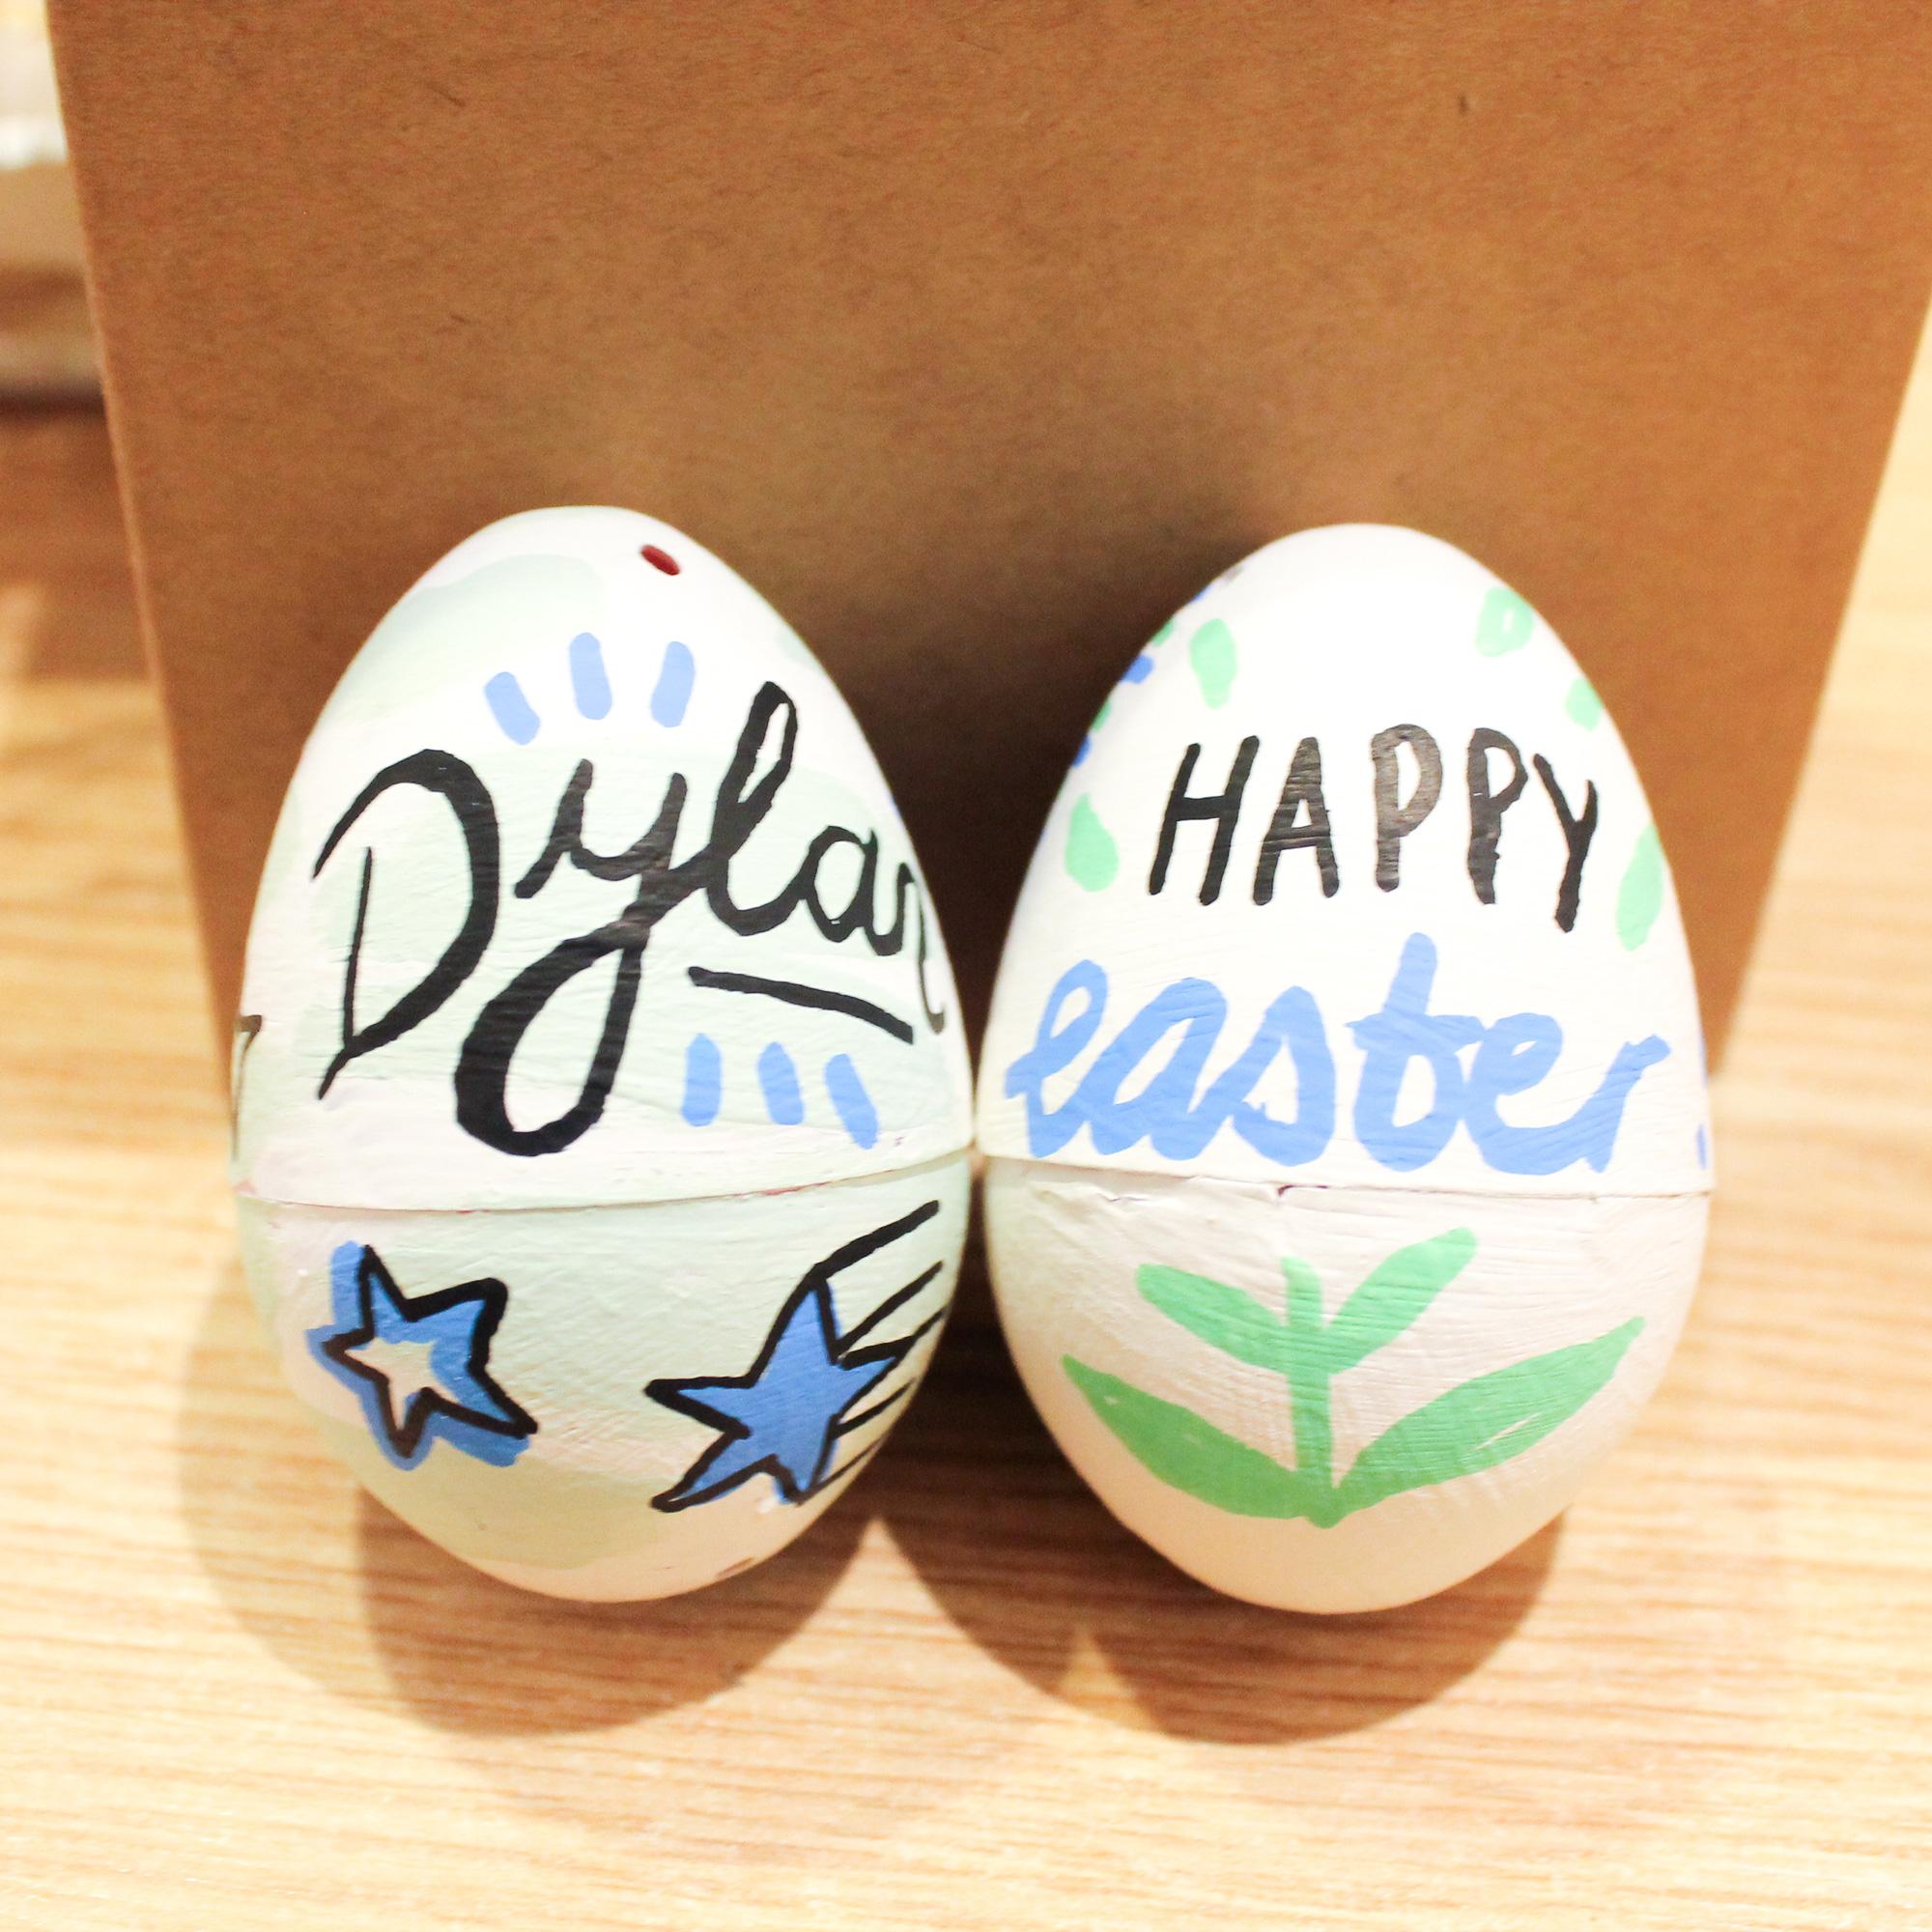 John-Lewis-Buttercrumble---Easter-Egg-Illustration---Instore-3.jpg